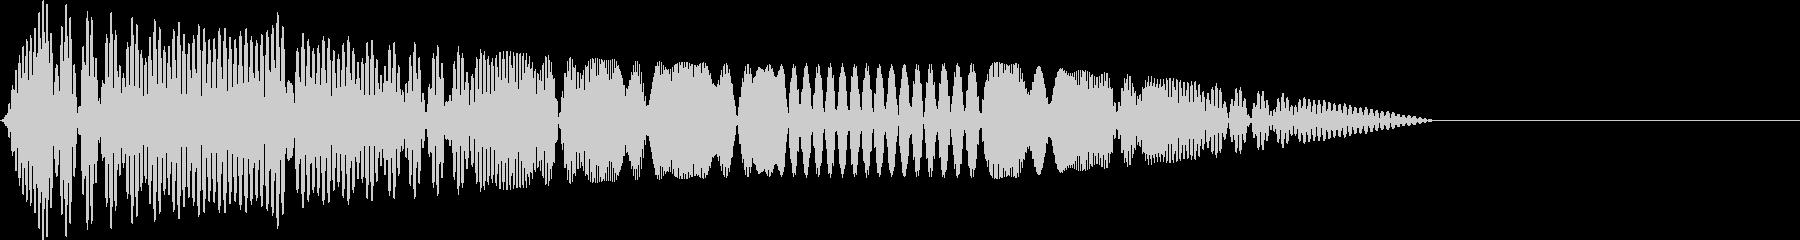 プヤウ(間抜けなイメージ)の未再生の波形